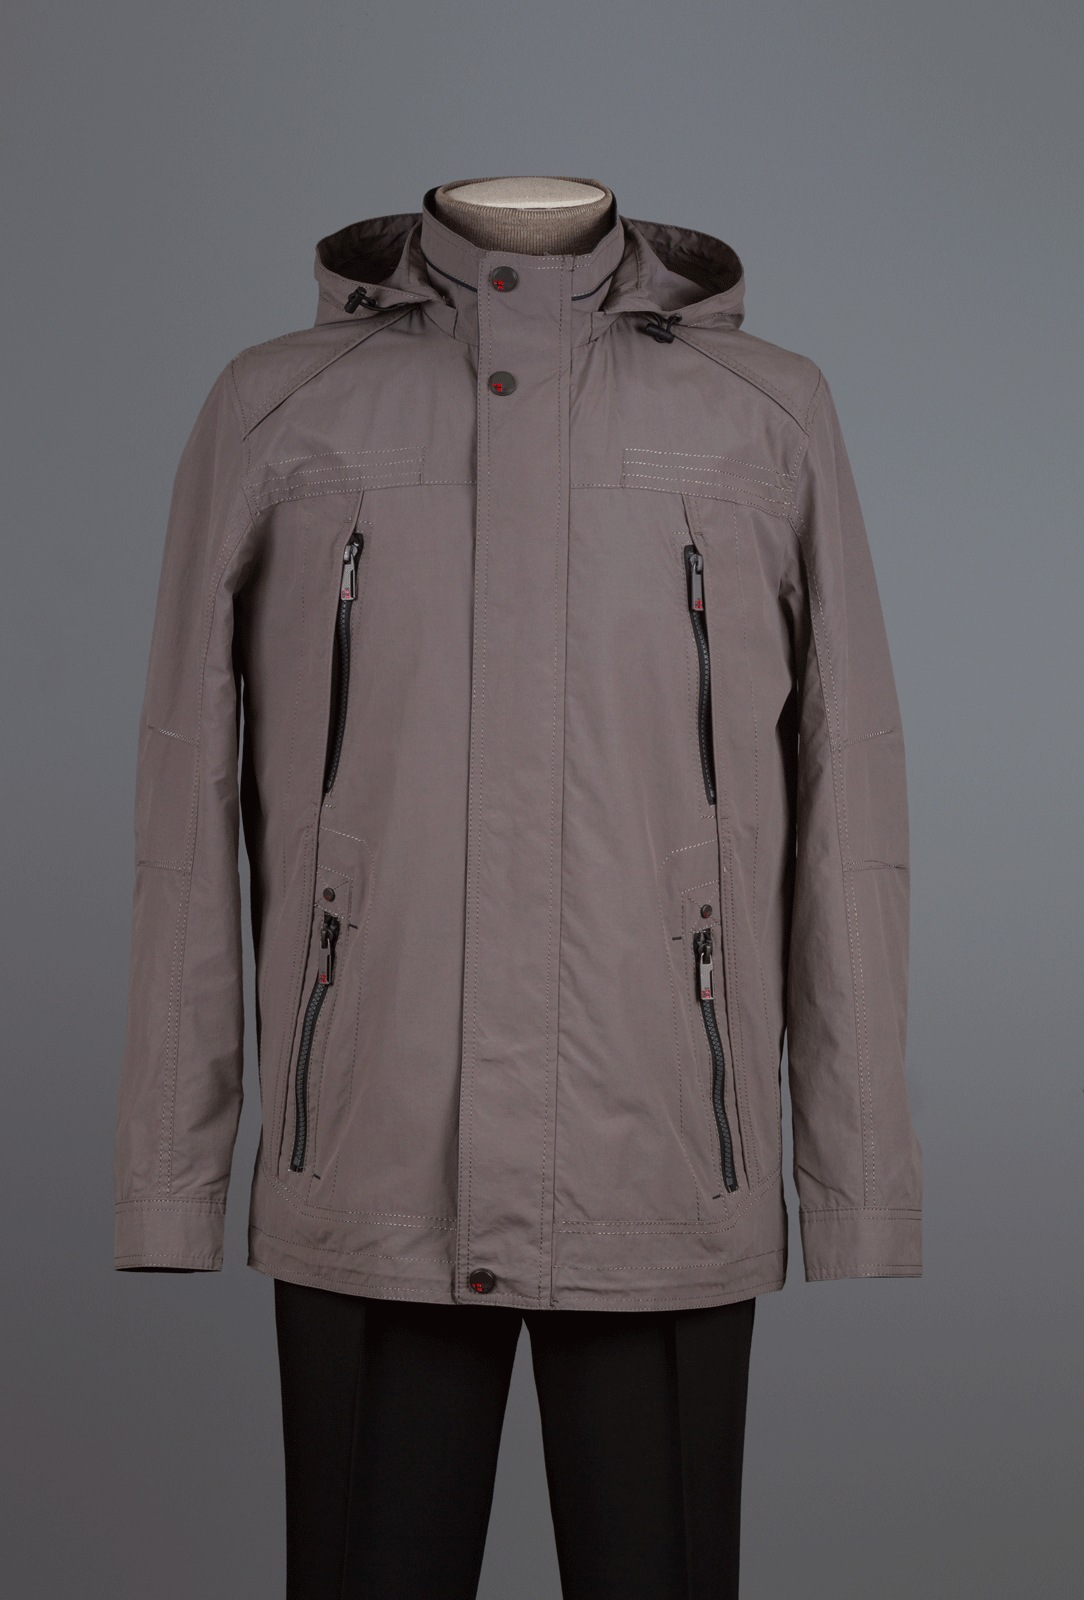 Куртки Ветровки Мужские